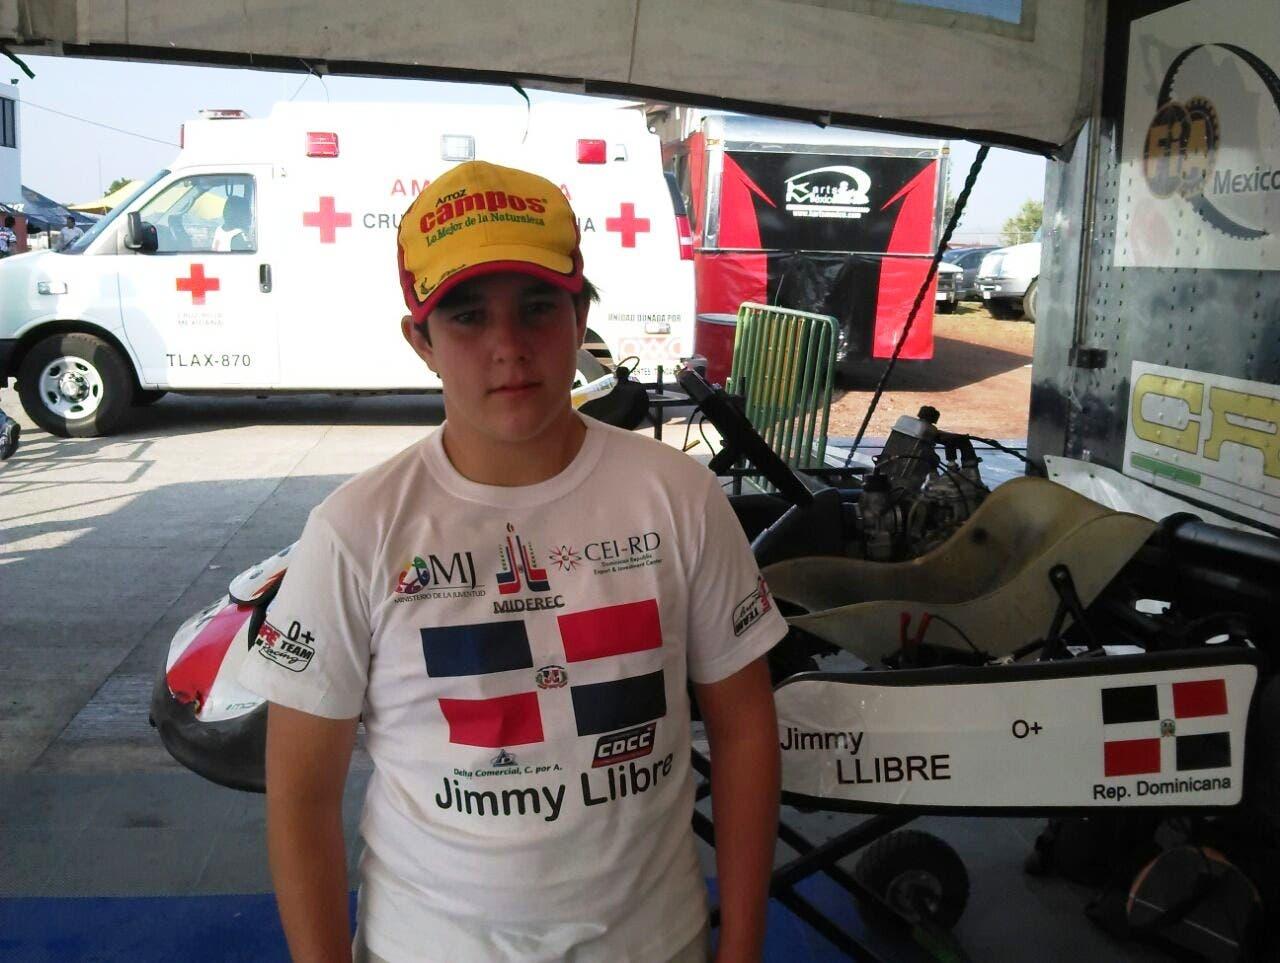 Piloto Jimmy Llibre Jr. competirá en Campeonato Fórmula 4 Argentina NG